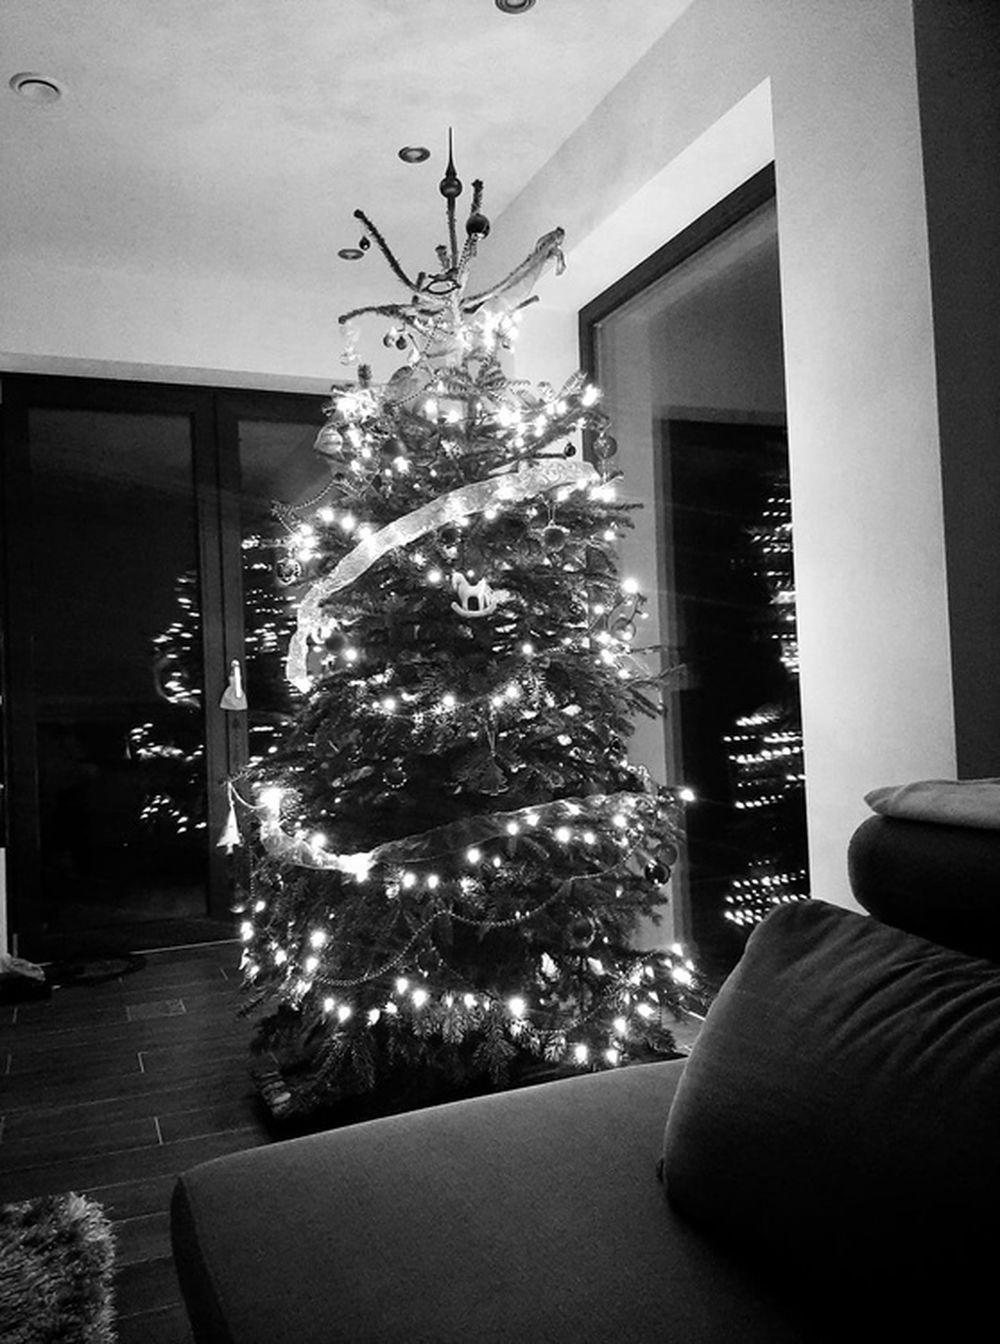 FOTO: Vianočné stromčeky v Žiline - výber fotografií našich čitateľov, foto 35